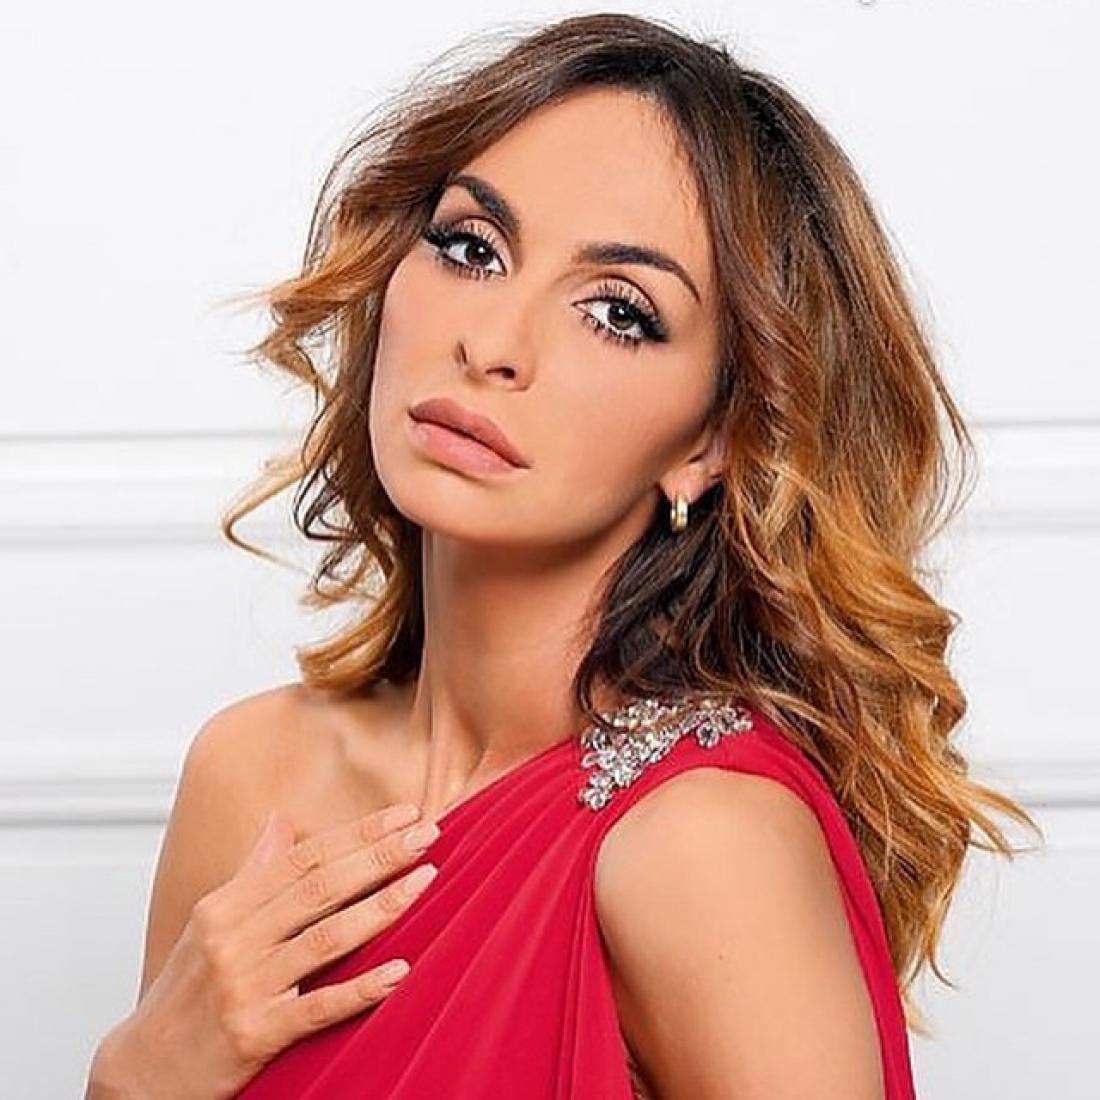 Звезда «Сomedy woman» станет ведущей грандиозного концерта для выпускников в Кишиневе